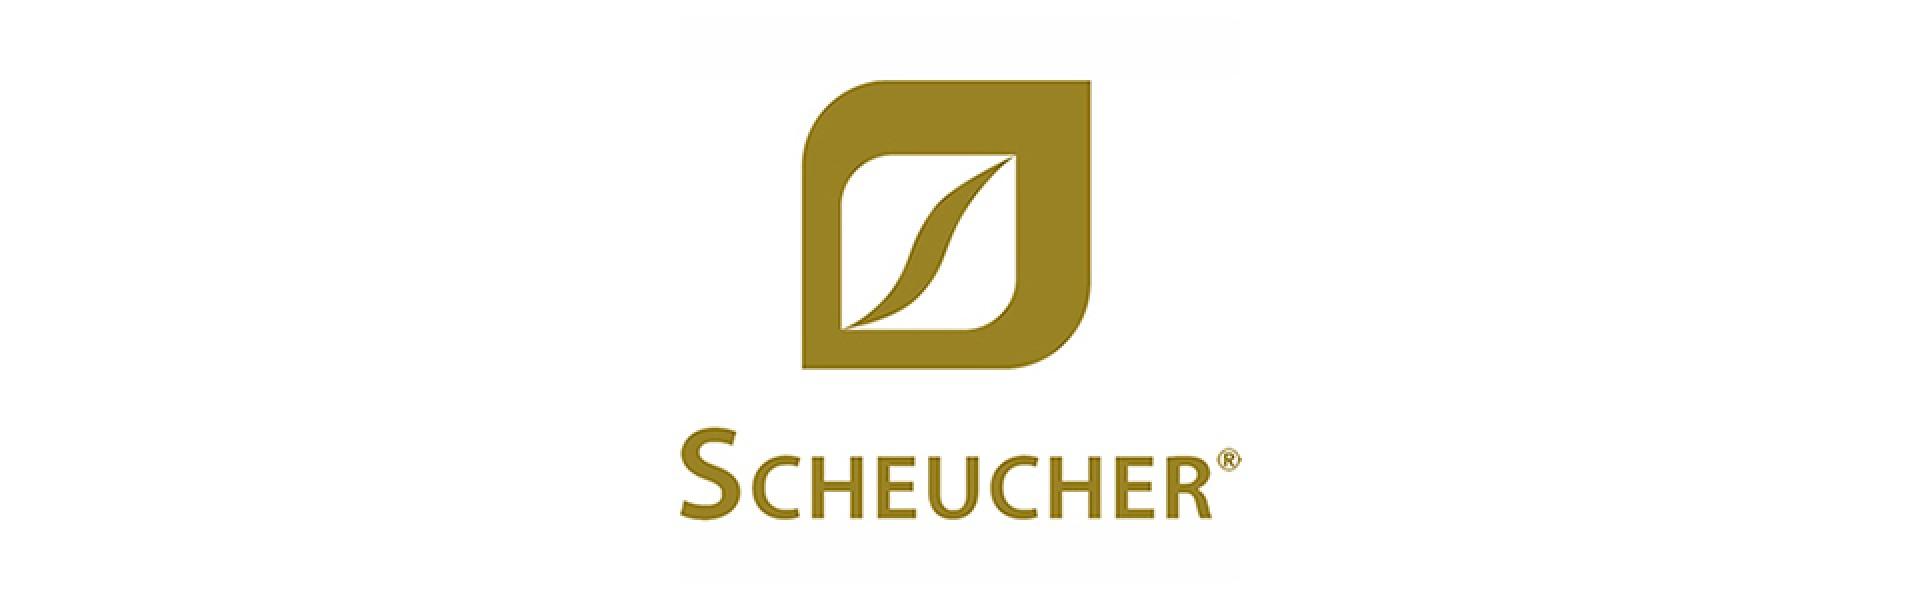 Scheucher - Австрийская паркетная доска